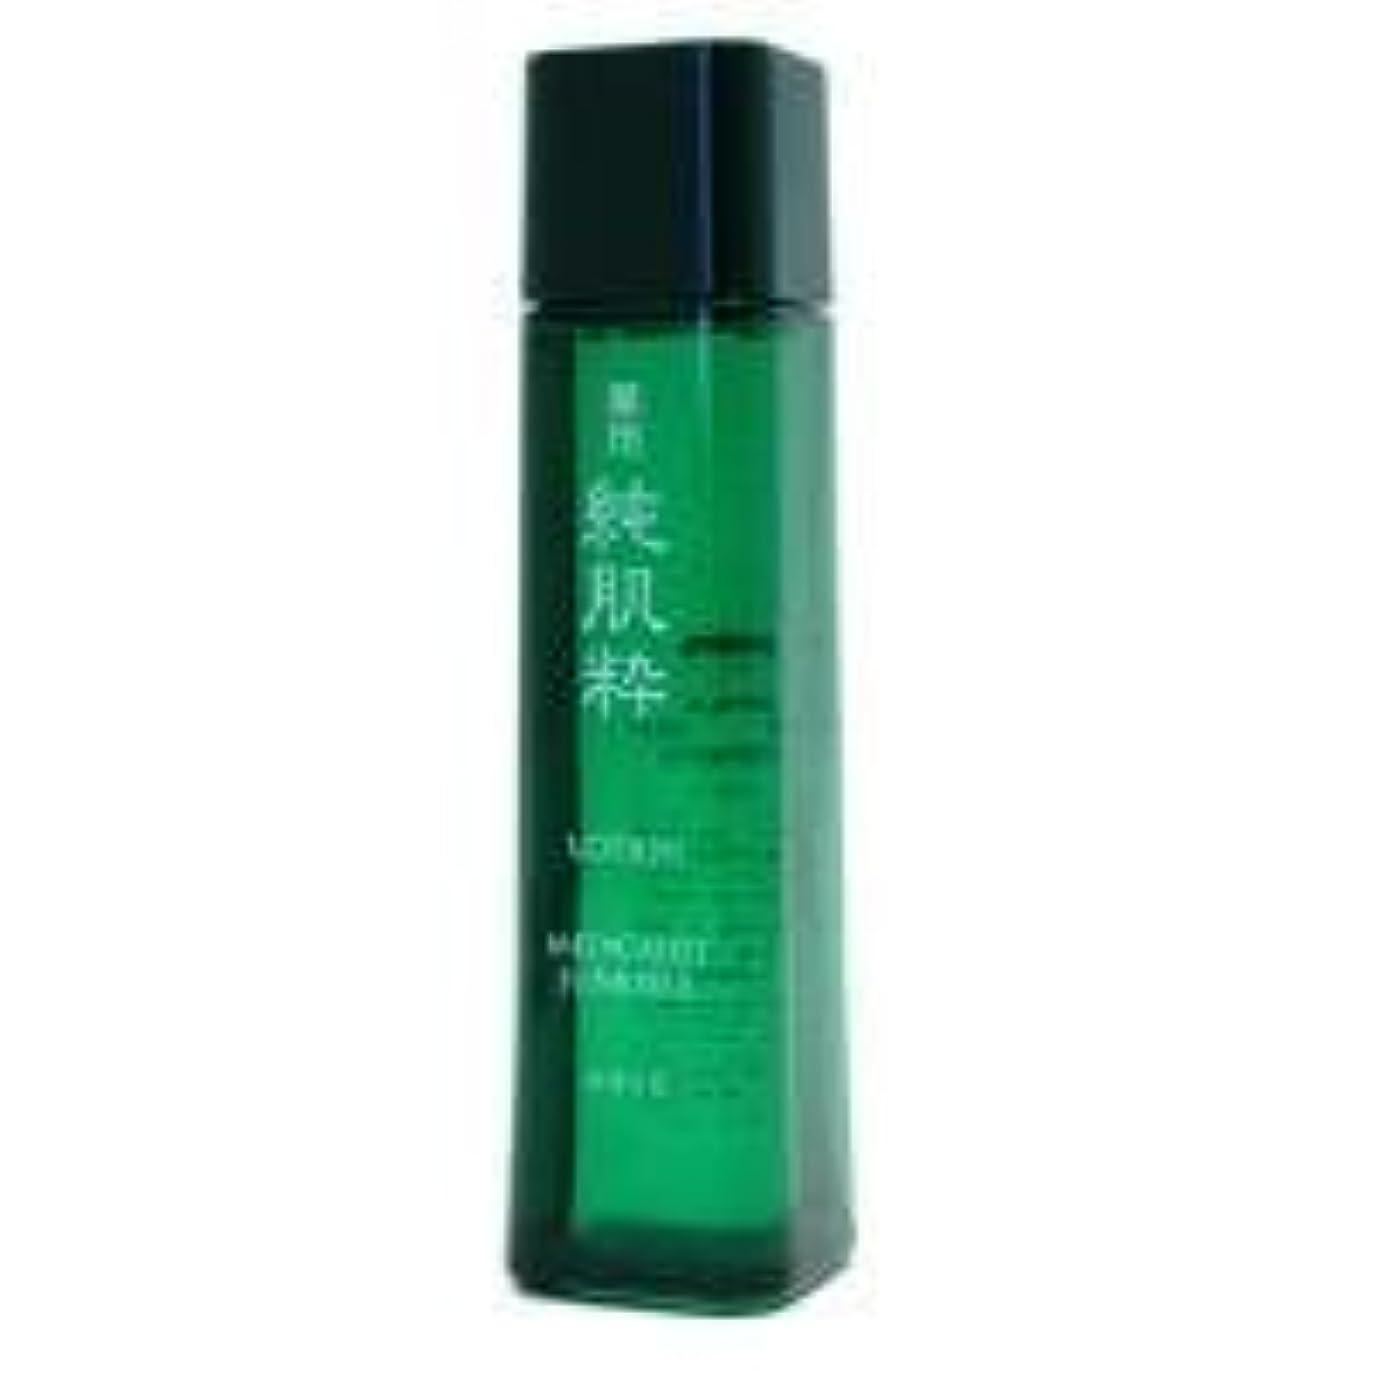 一見勇者コースコーセー 薬用 純肌粋 化粧水 150ml